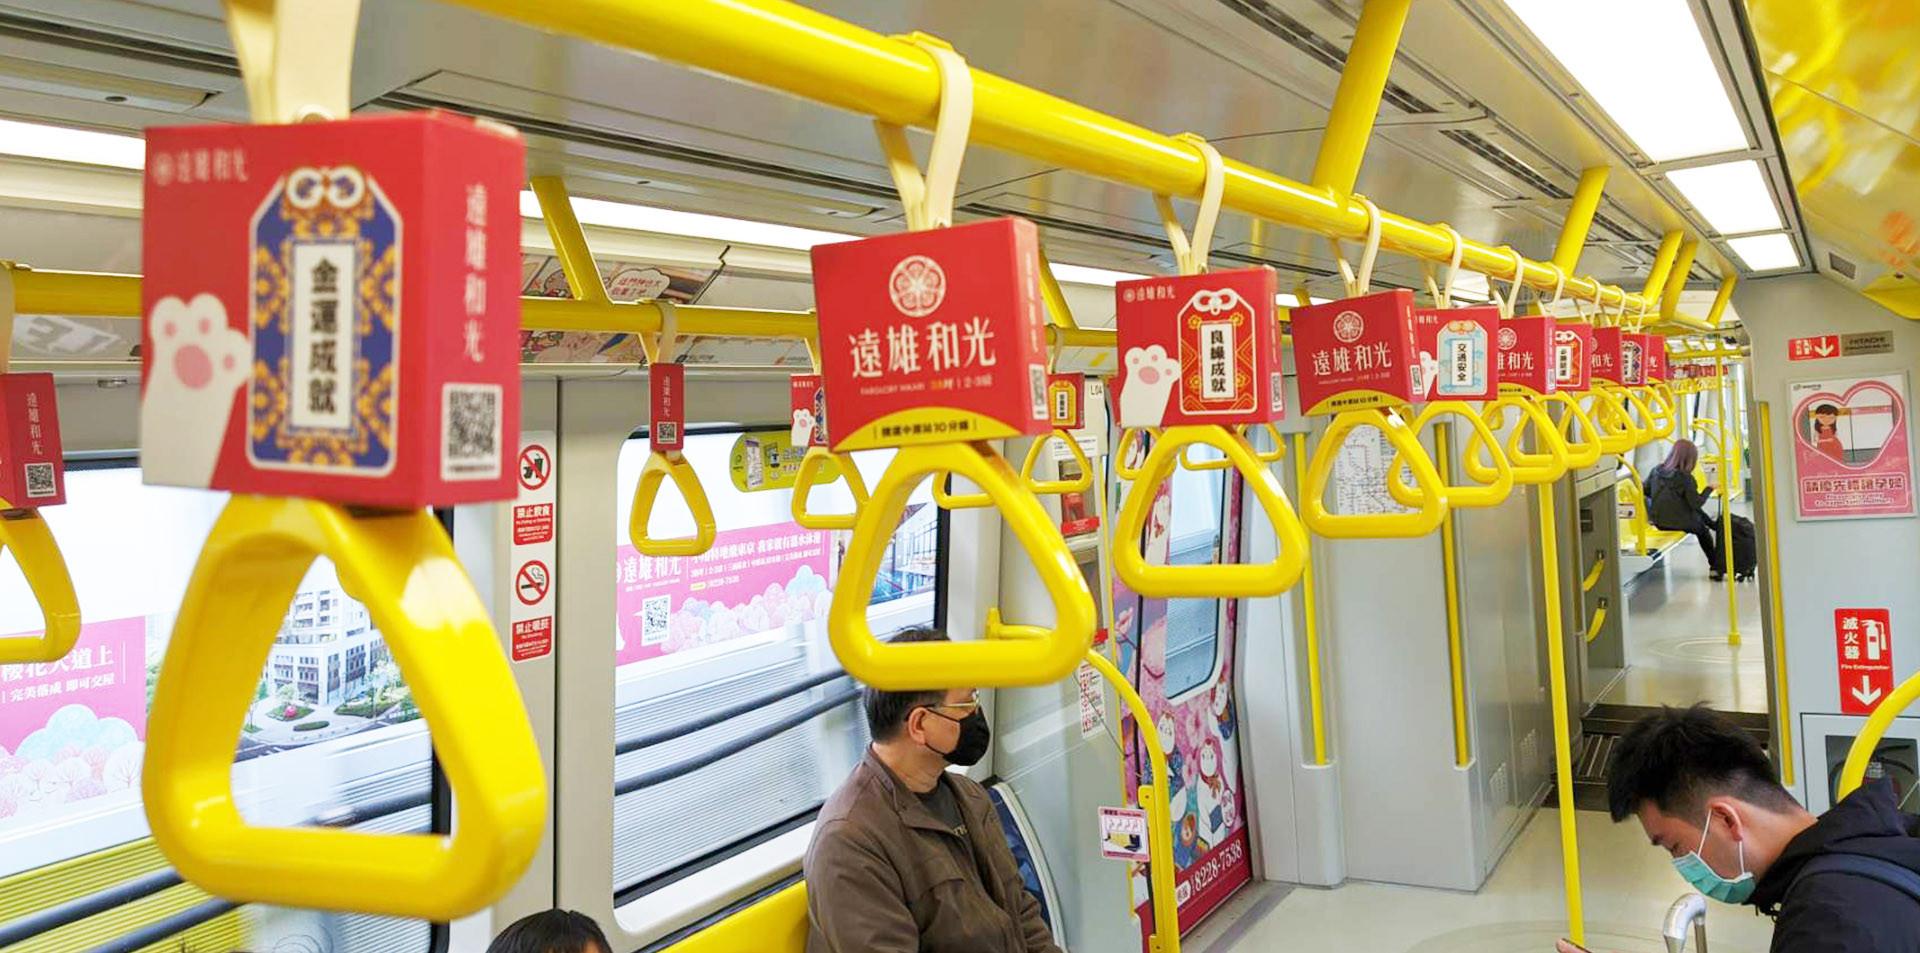 台北捷運廣告刊登 環狀線 手拉環 創意廣告 遠雄和光